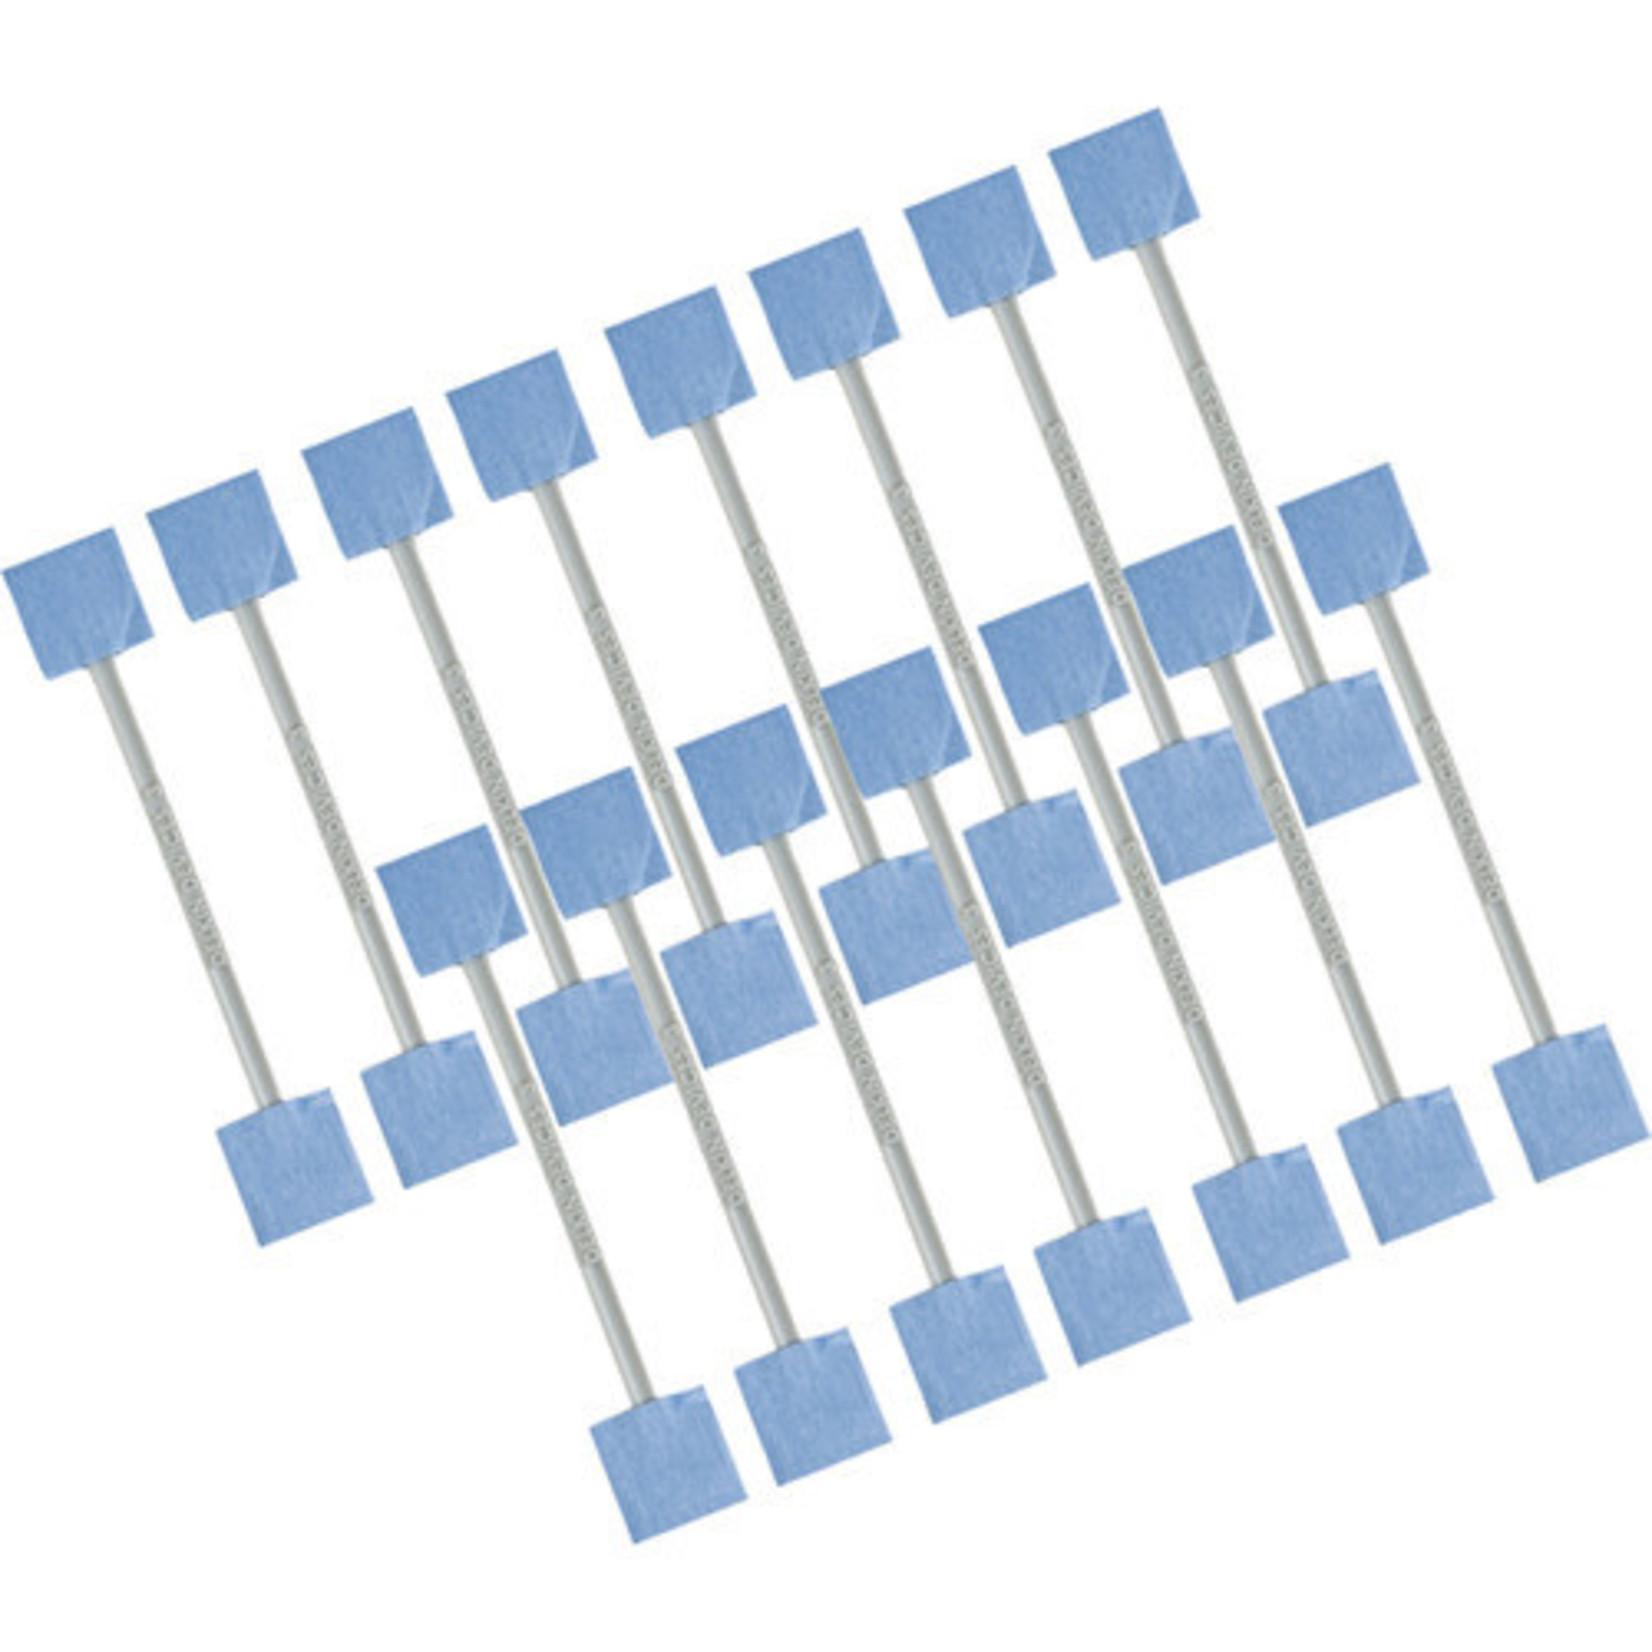 Delkin SensorScope SensorSafe Wands - 15 Large